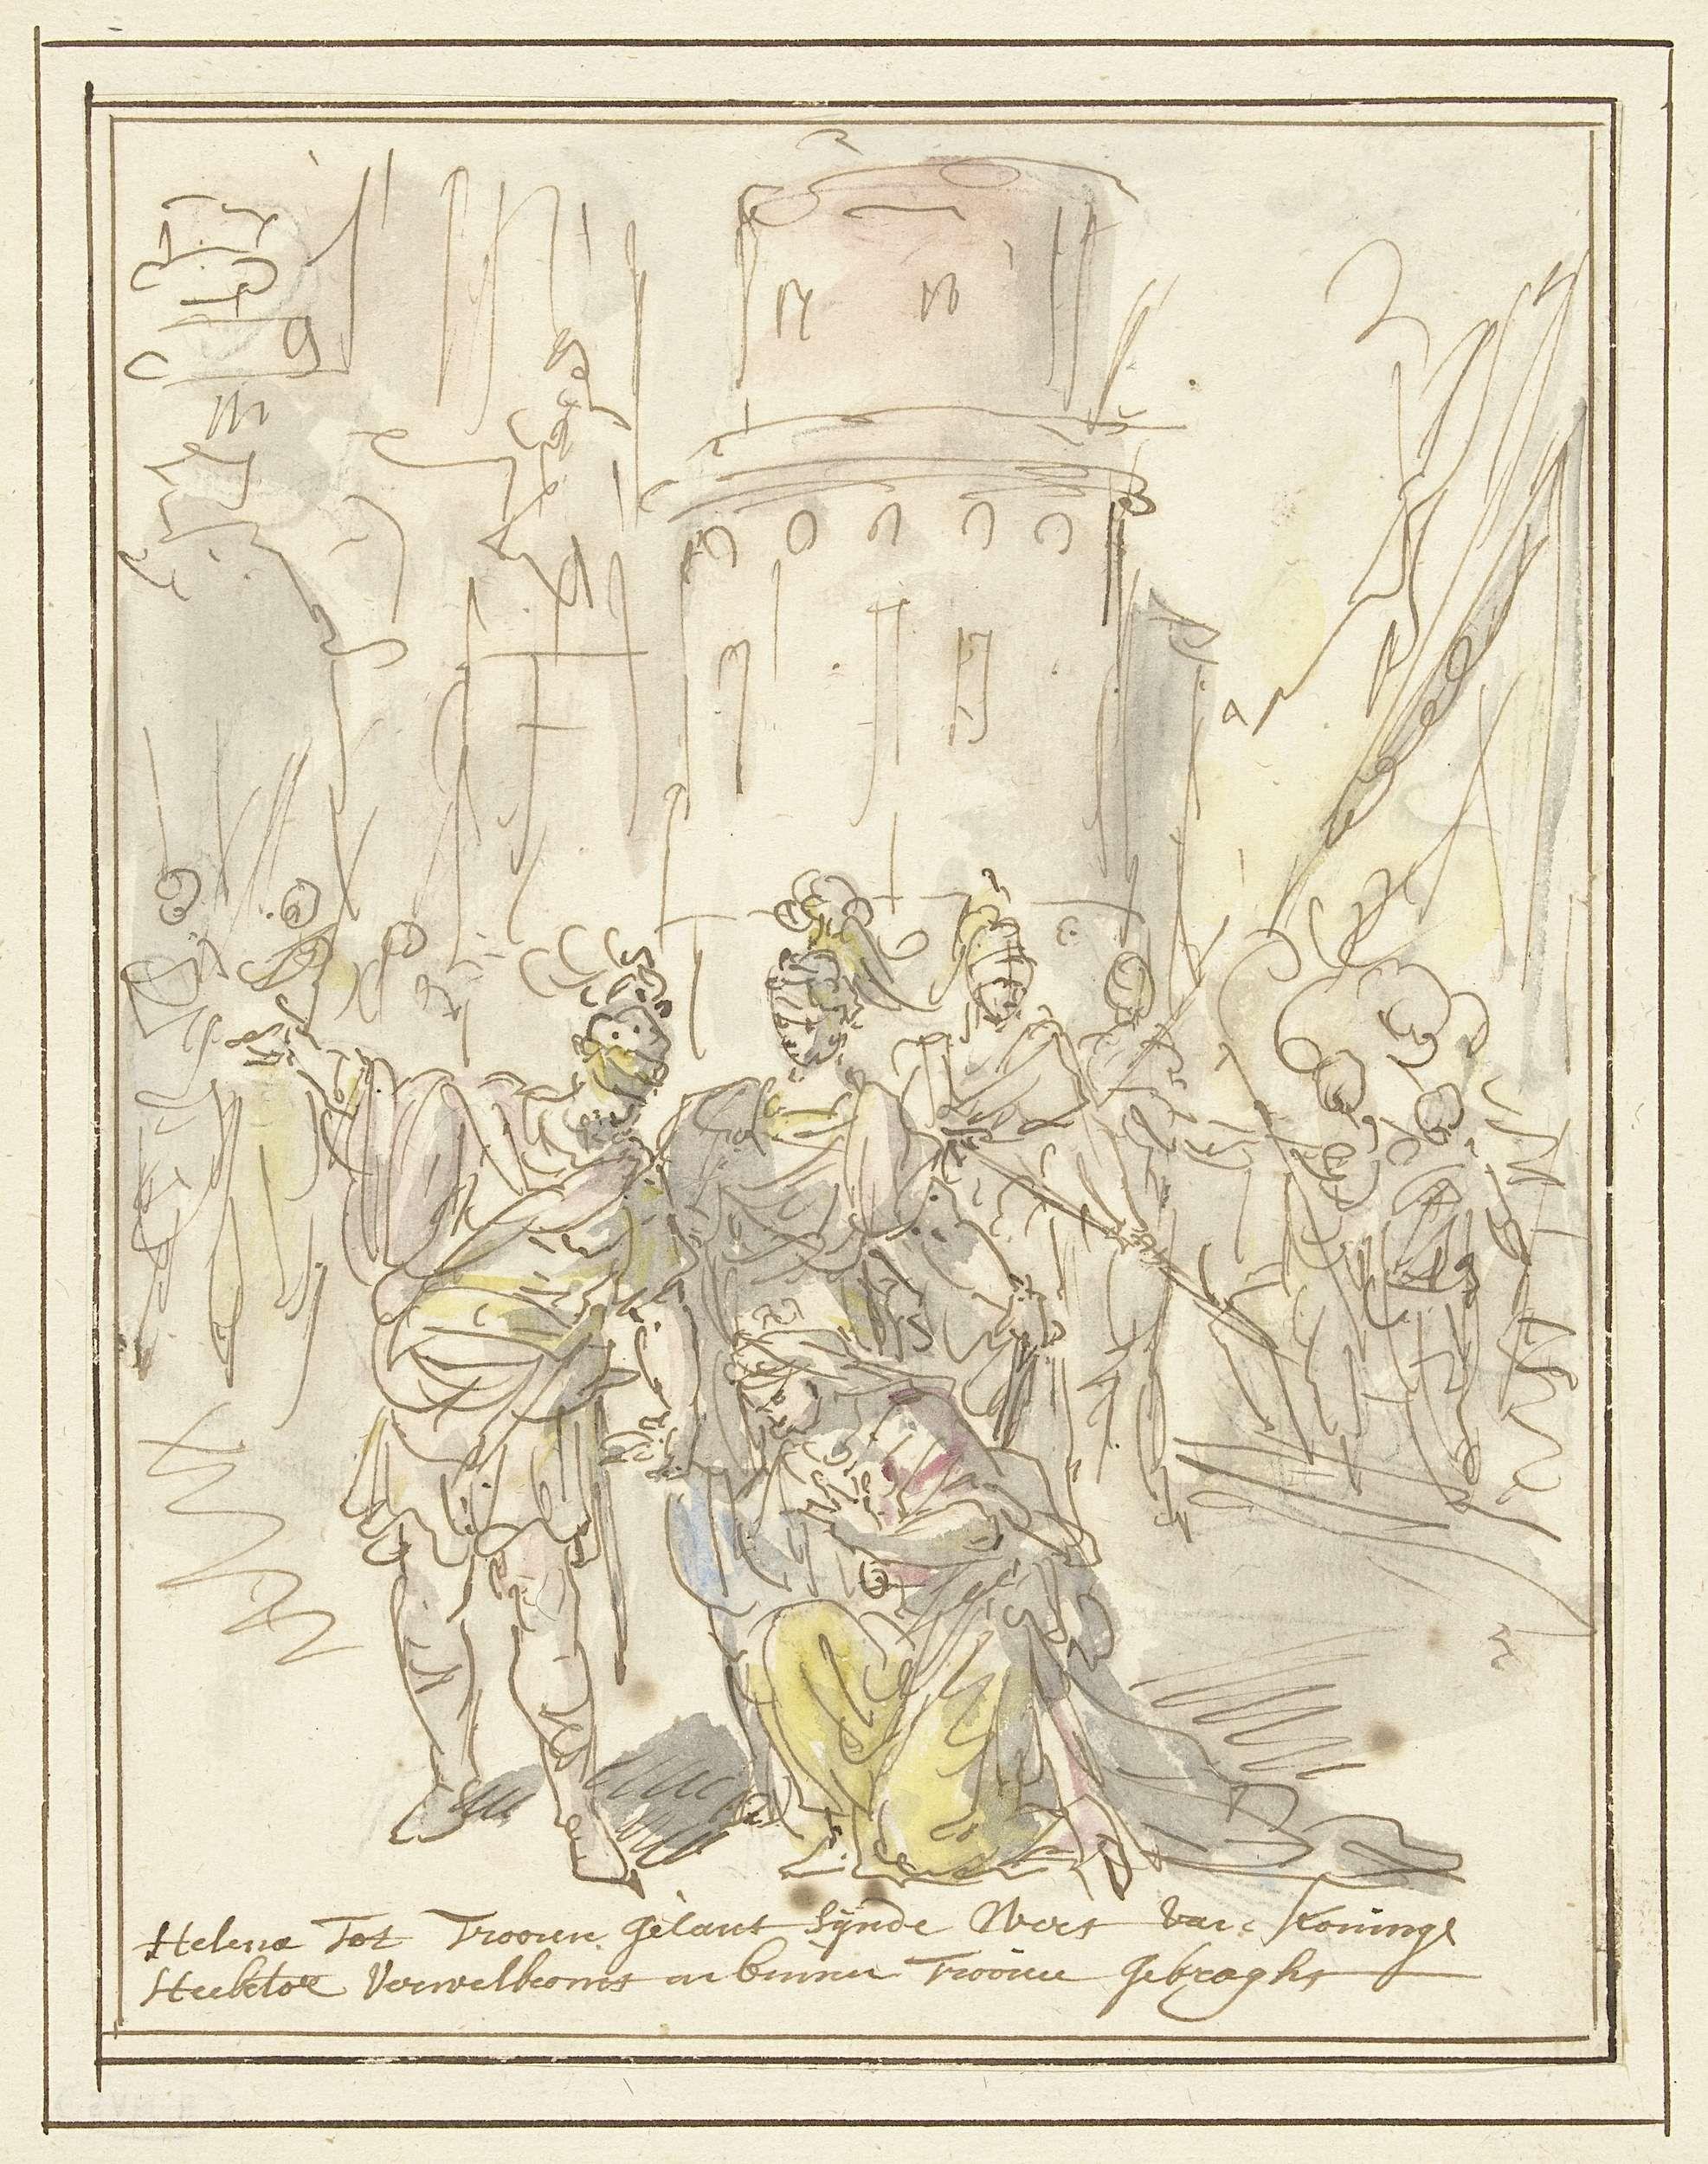 Elias van Nijmegen | Helena wordt bij haar aankomst in Troje verwelkomd door Hector, Elias van Nijmegen, 1677 - 1755 | Ontwerp voor een schildering.